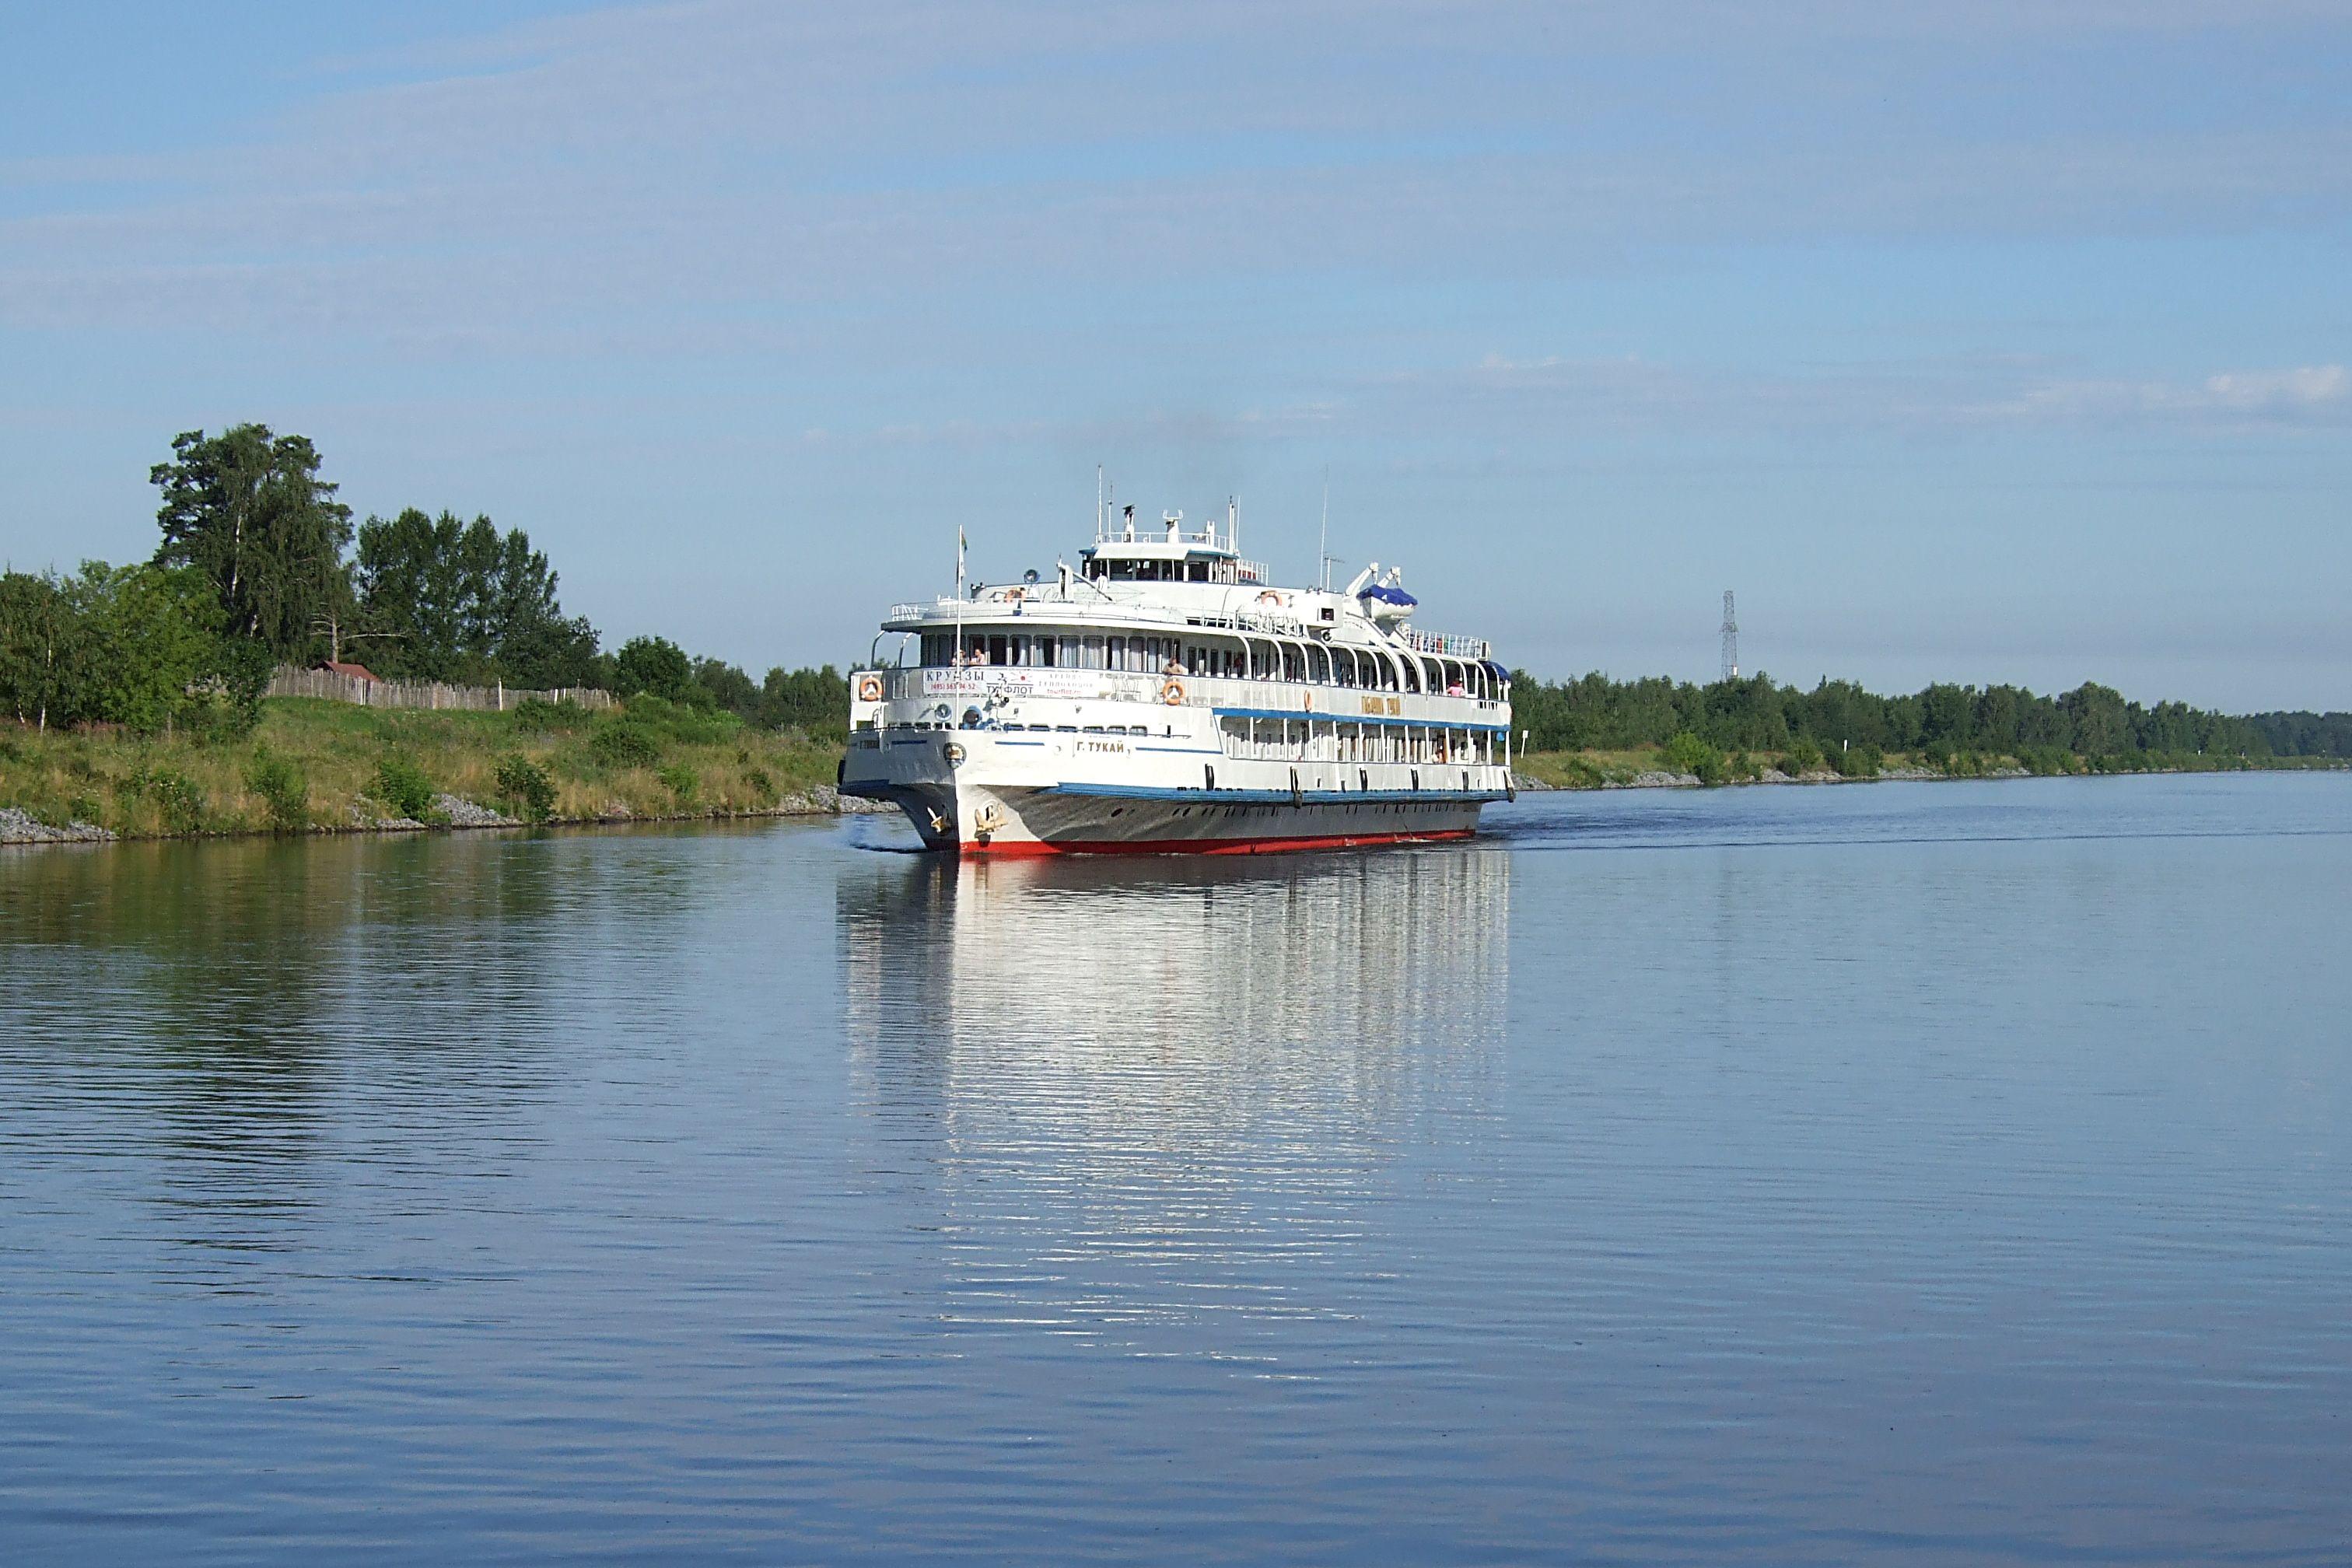 речной флот россии фото более удобной